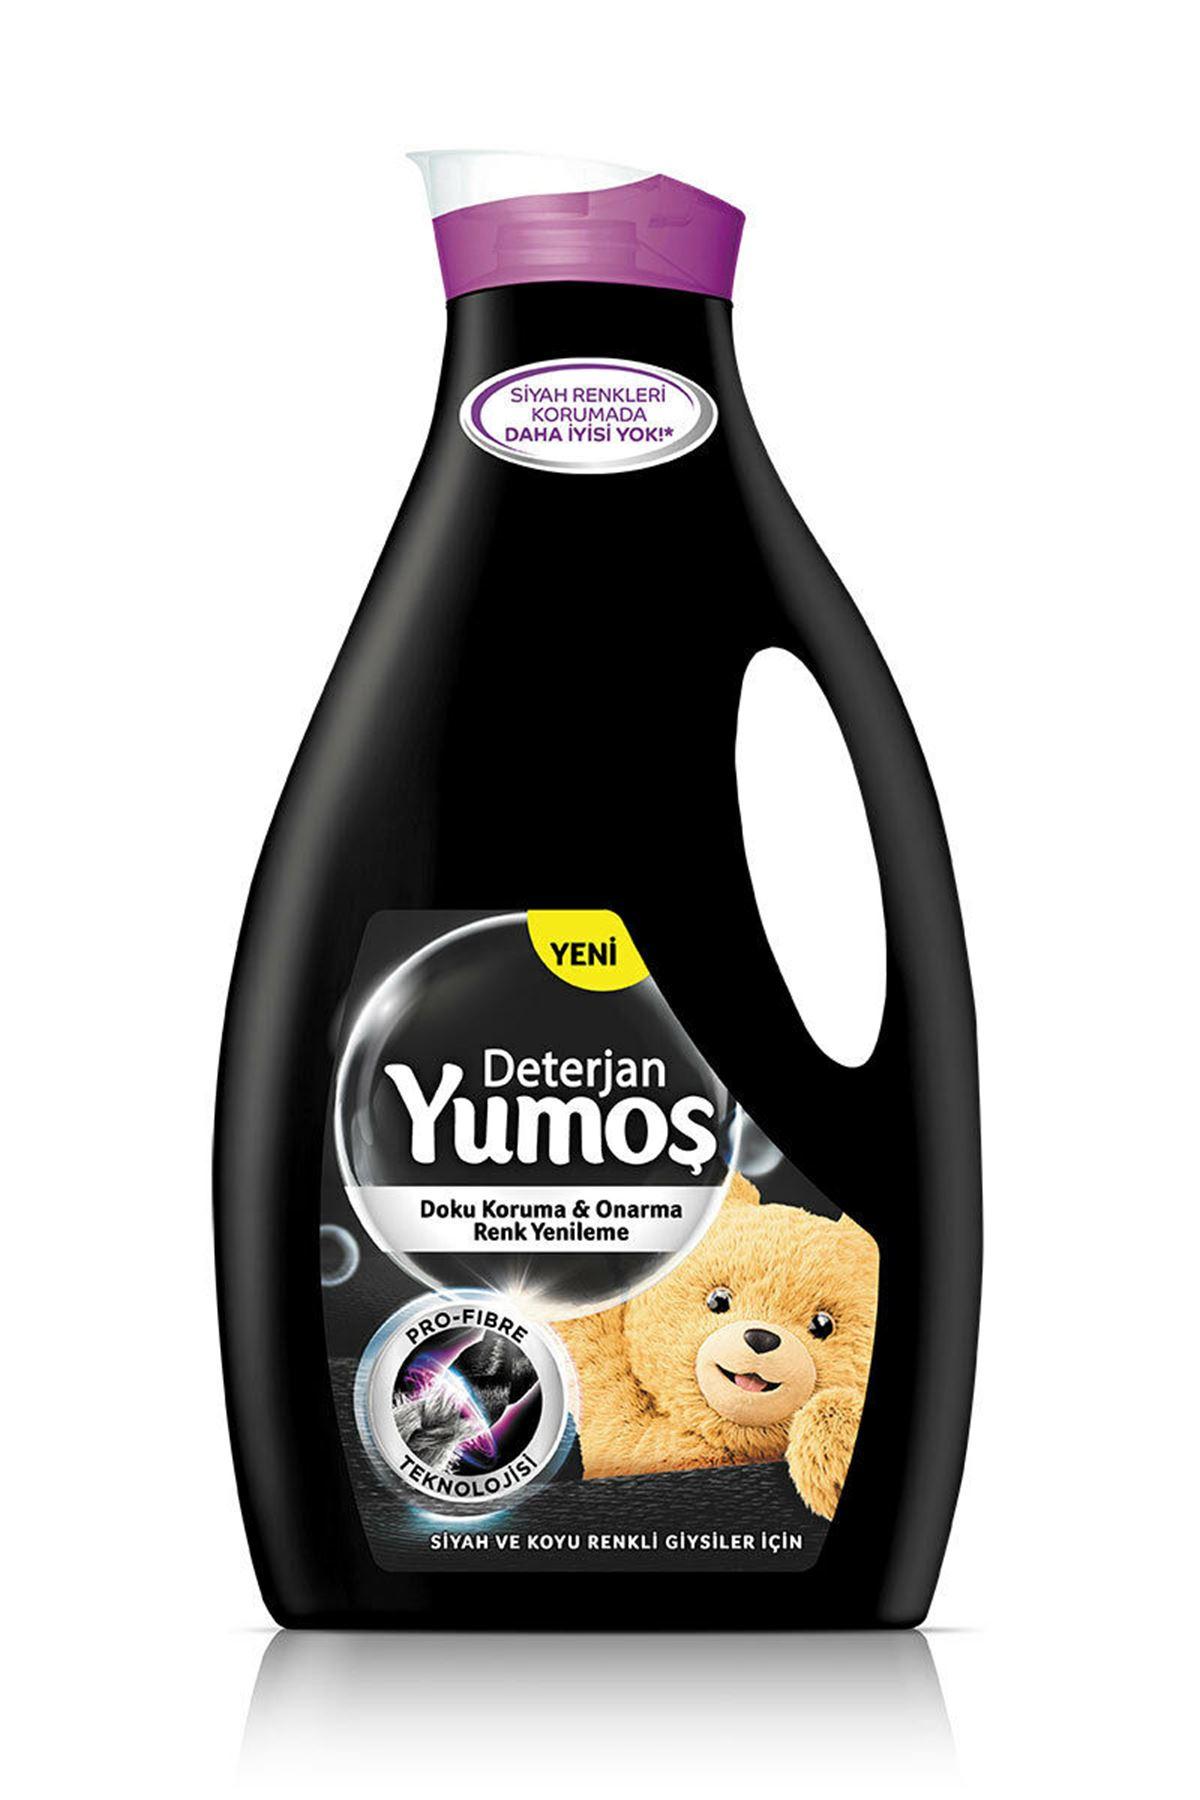 Yumoş Siyah ve Koyu Renkli Giysiler Sıvı Çamaşır Deterjan 2520 ml